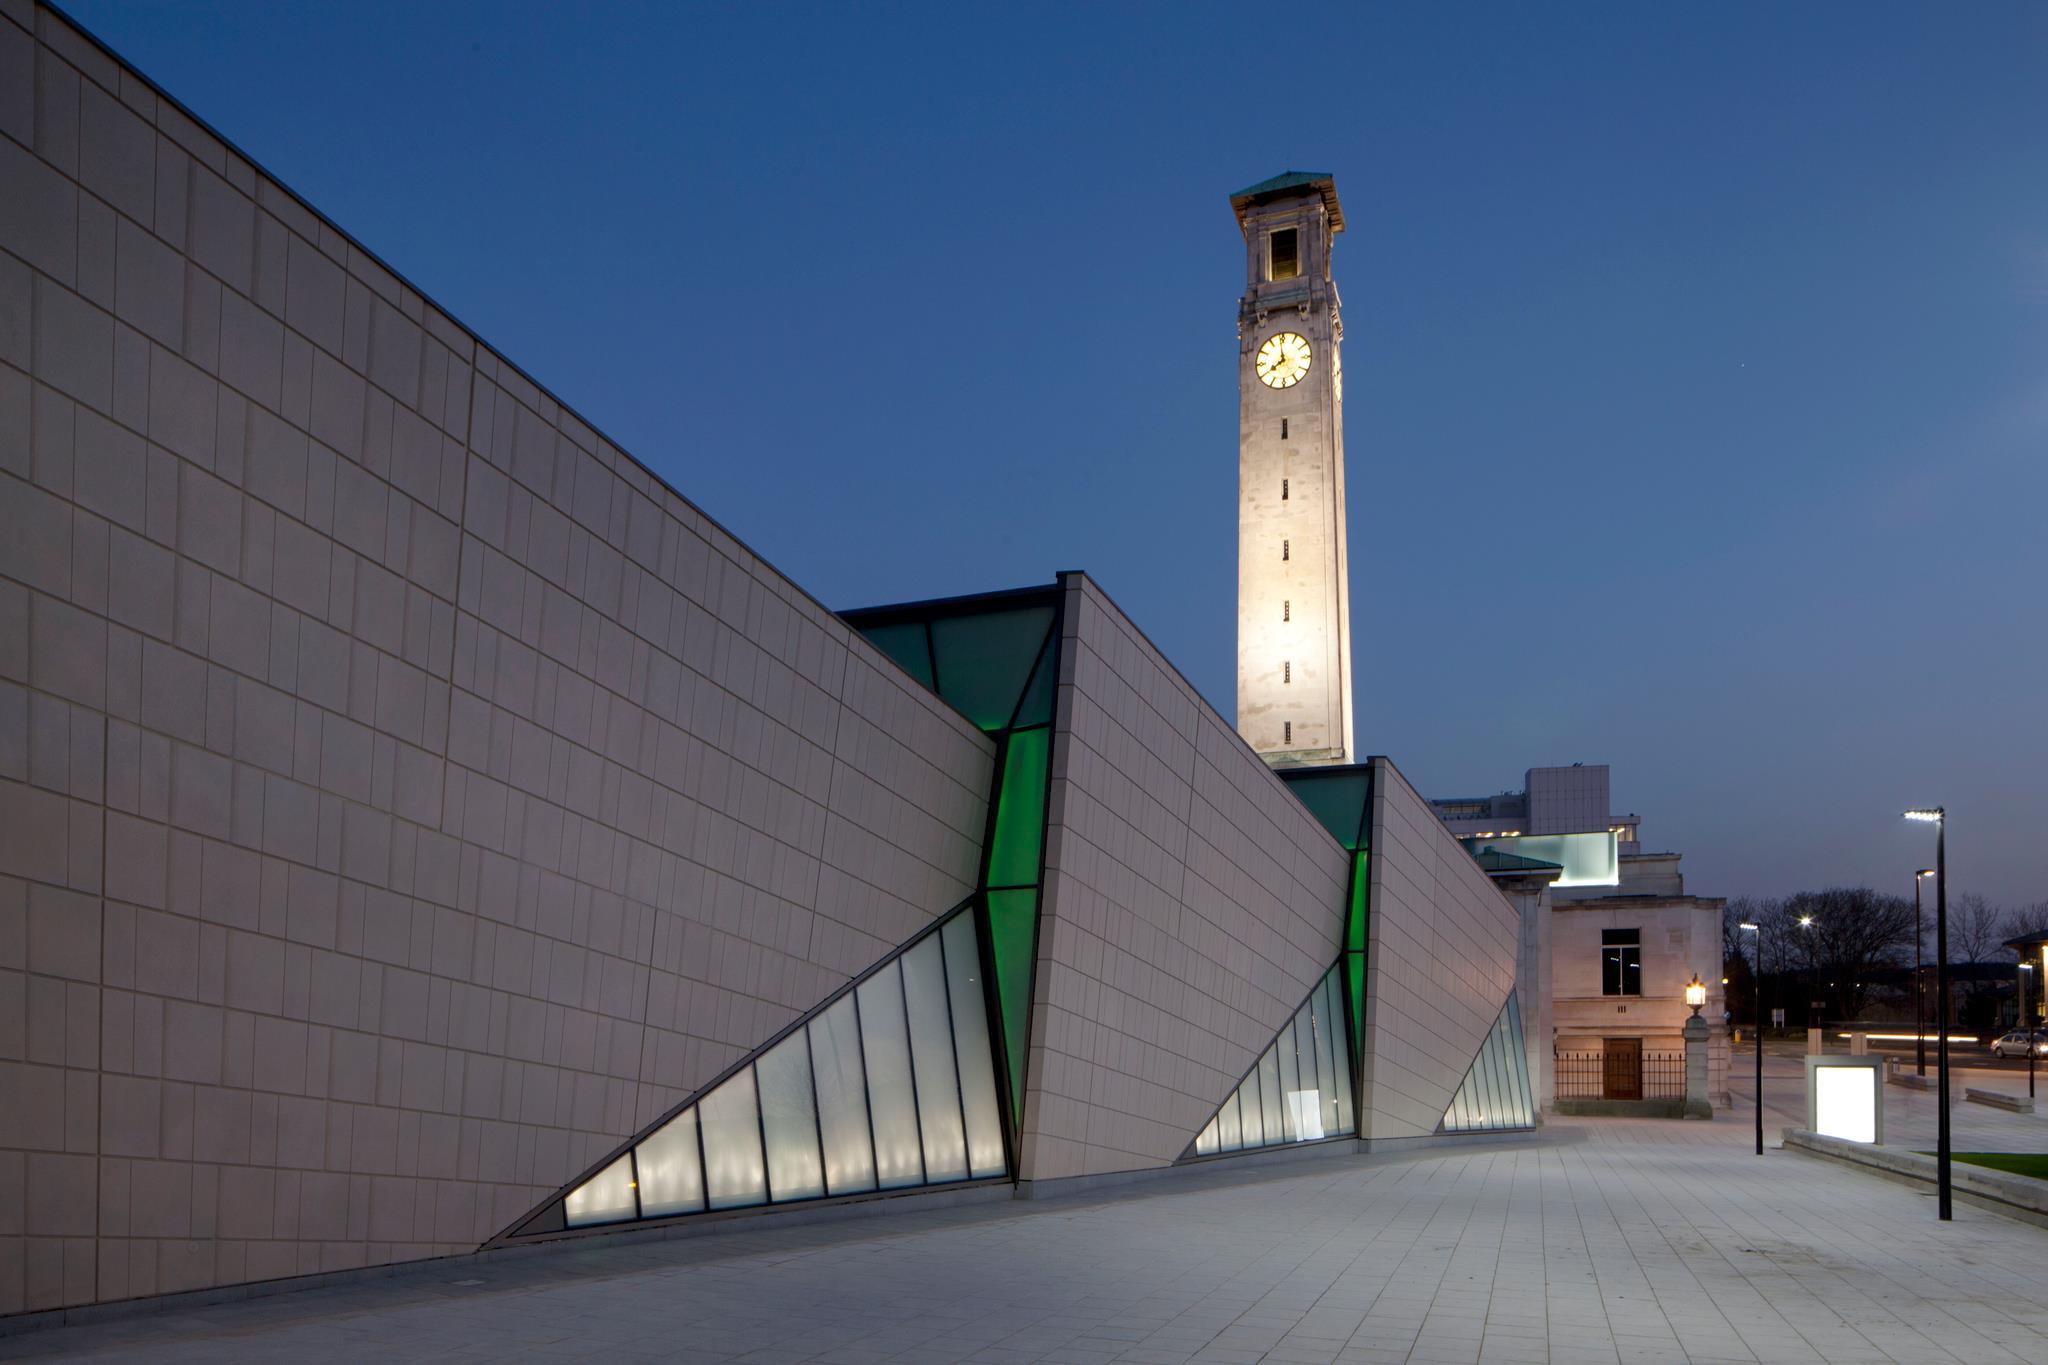 Seacity museum exterior night